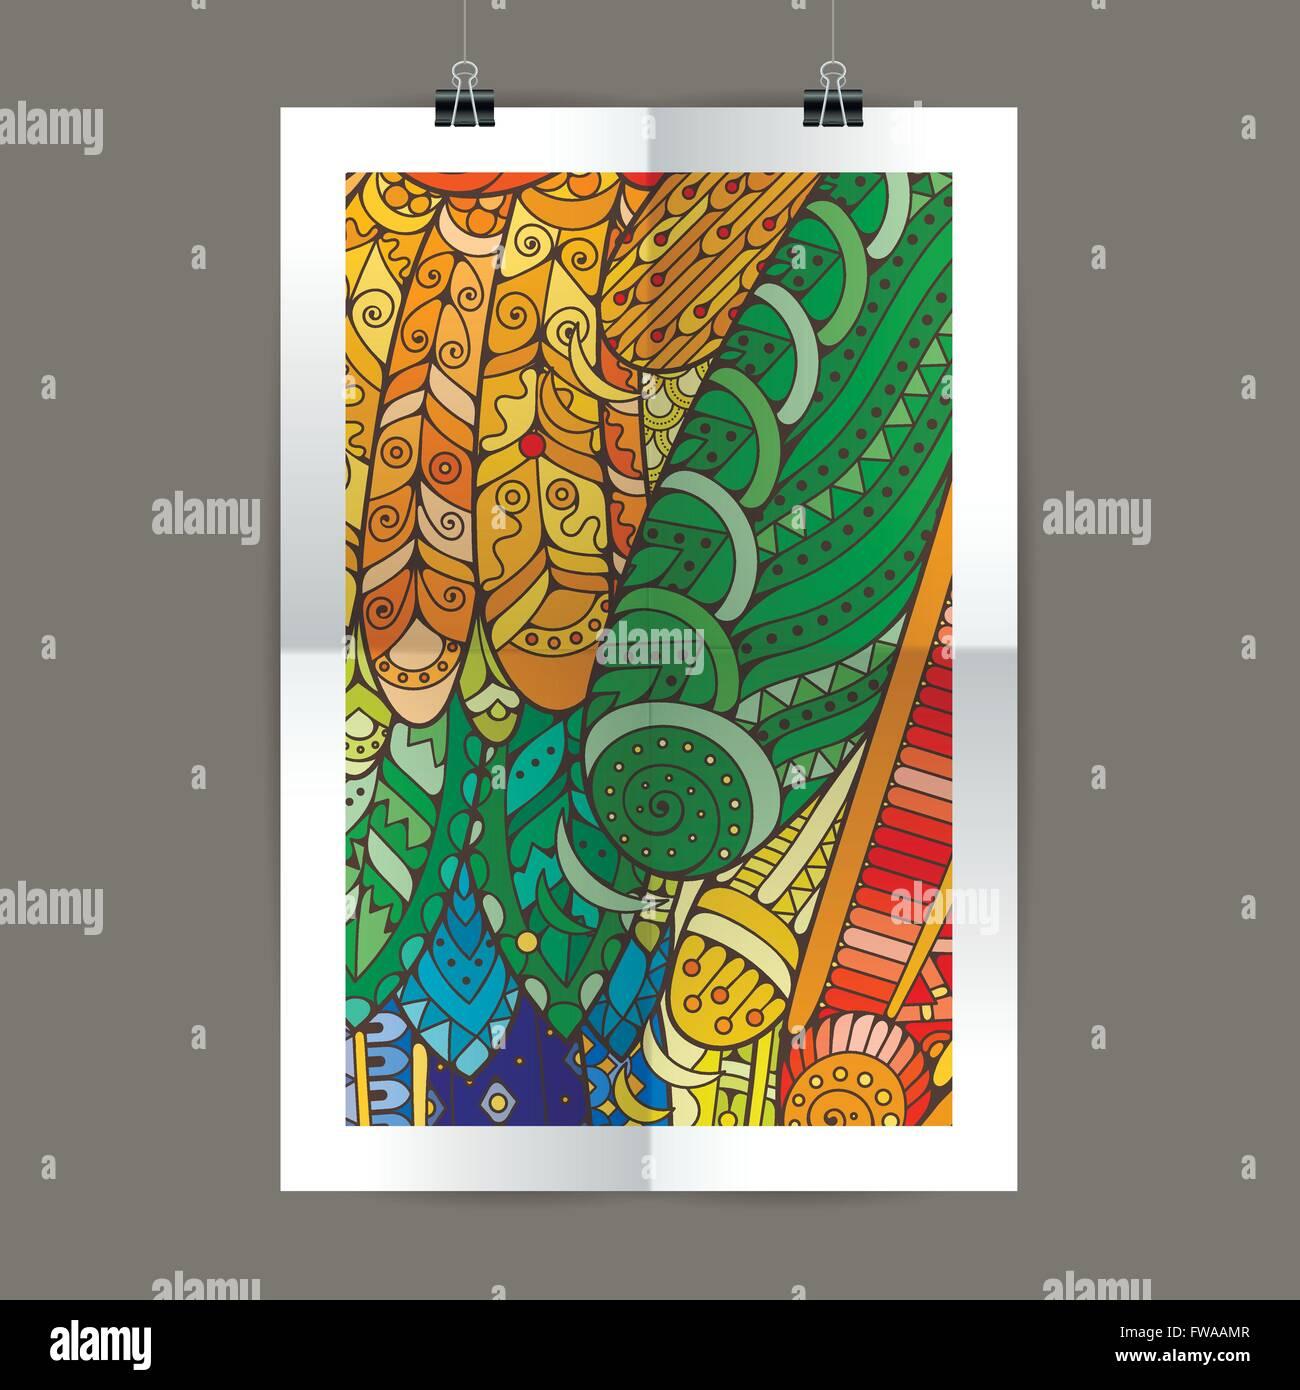 Présentation élégante De Couverture De Magazine Poster